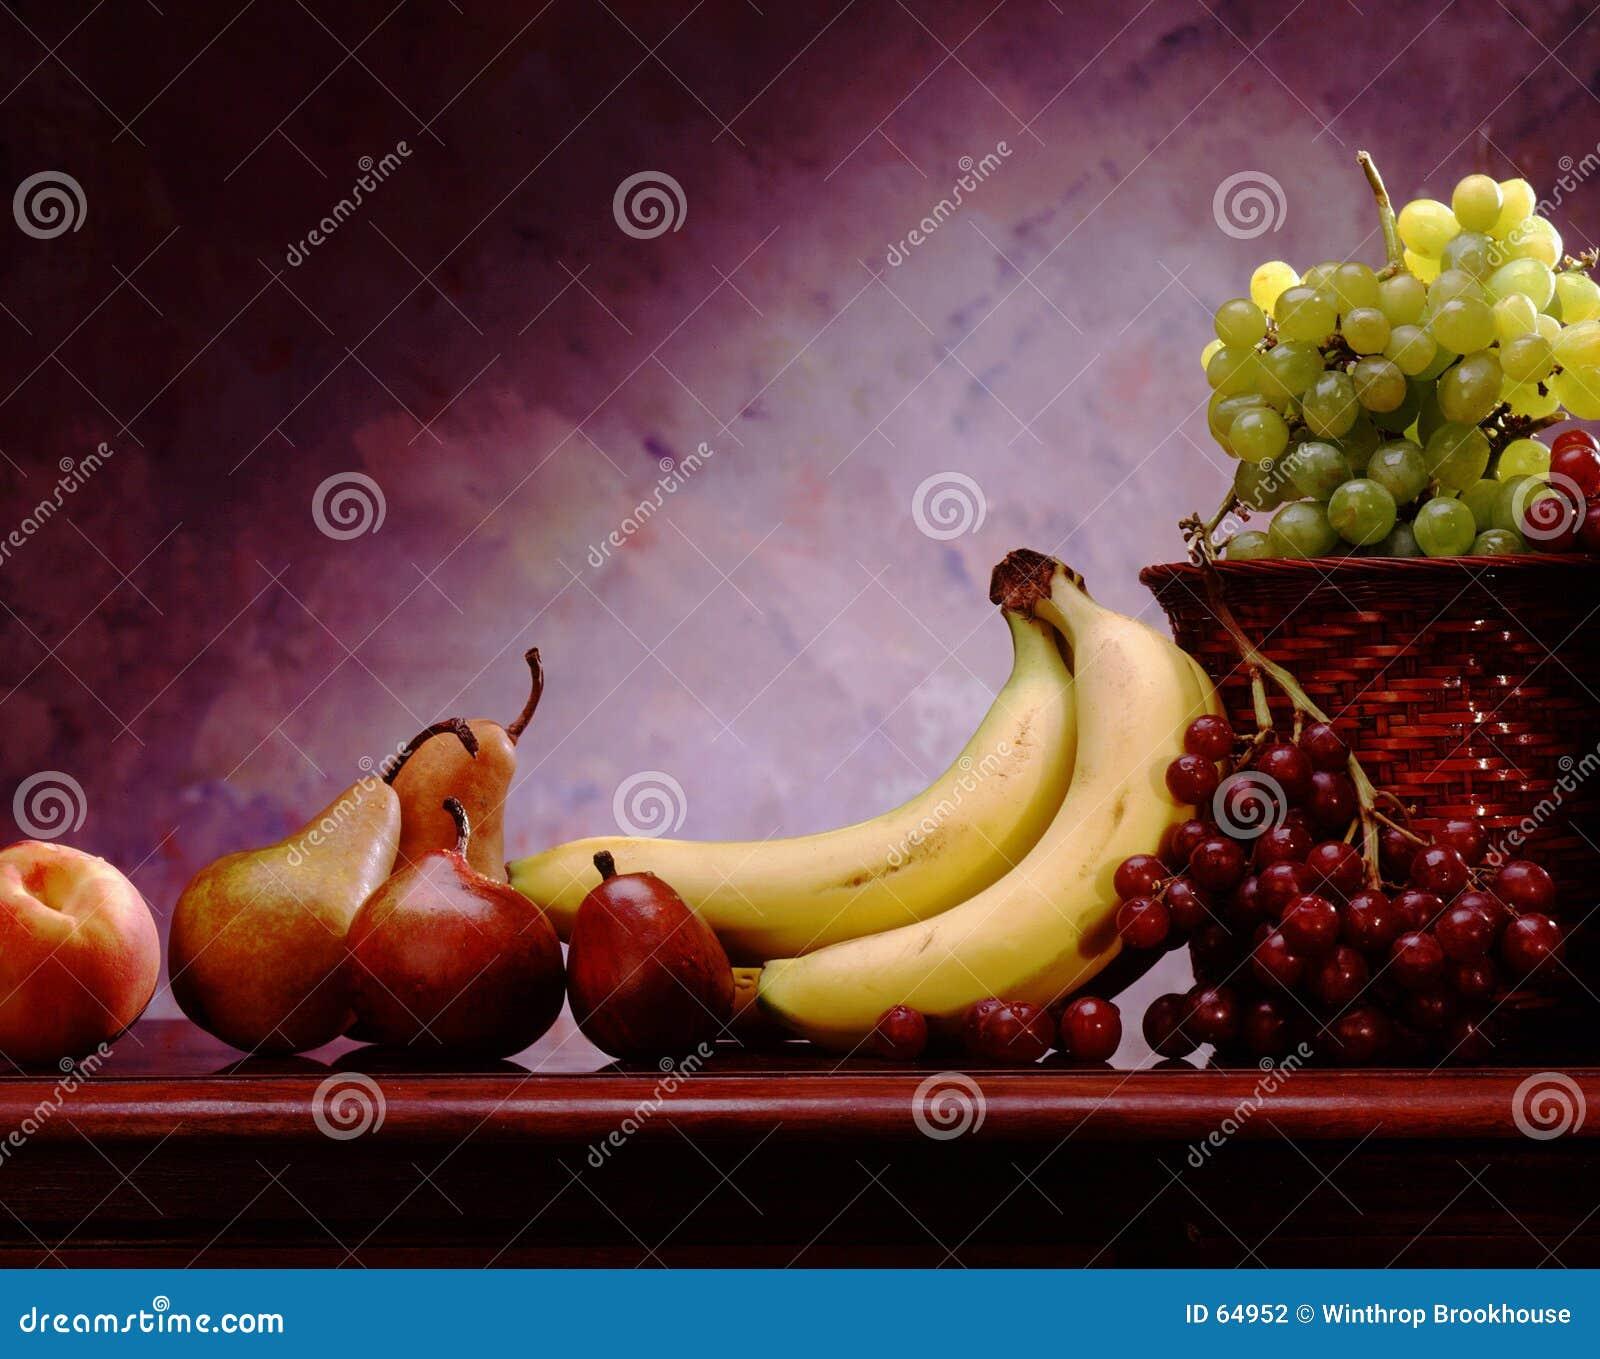 仍然果子生活